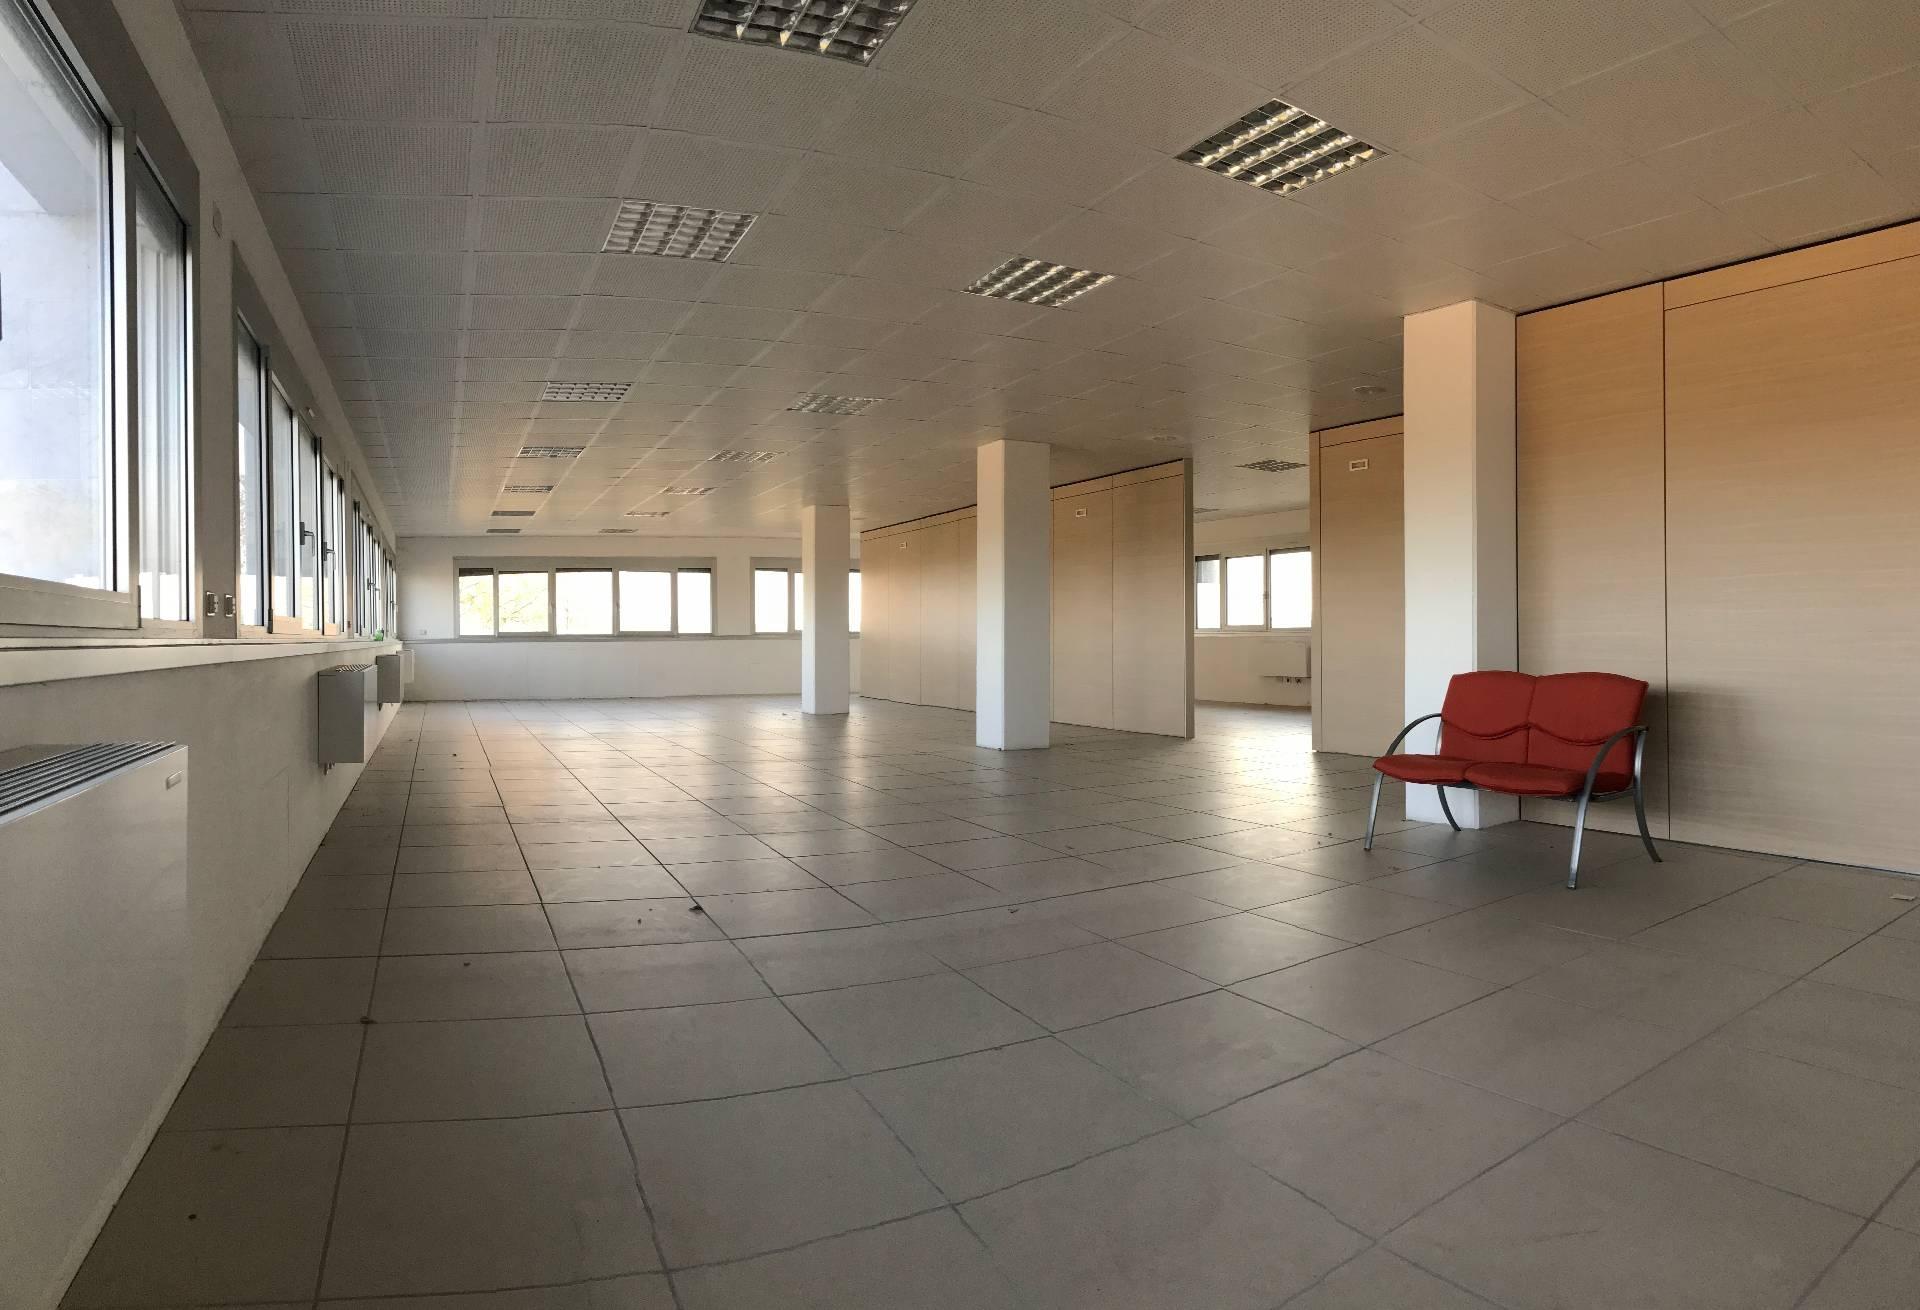 Ufficio / Studio in affitto a Treviso, 9999 locali, zona useppe, prezzo € 300.000   PortaleAgenzieImmobiliari.it